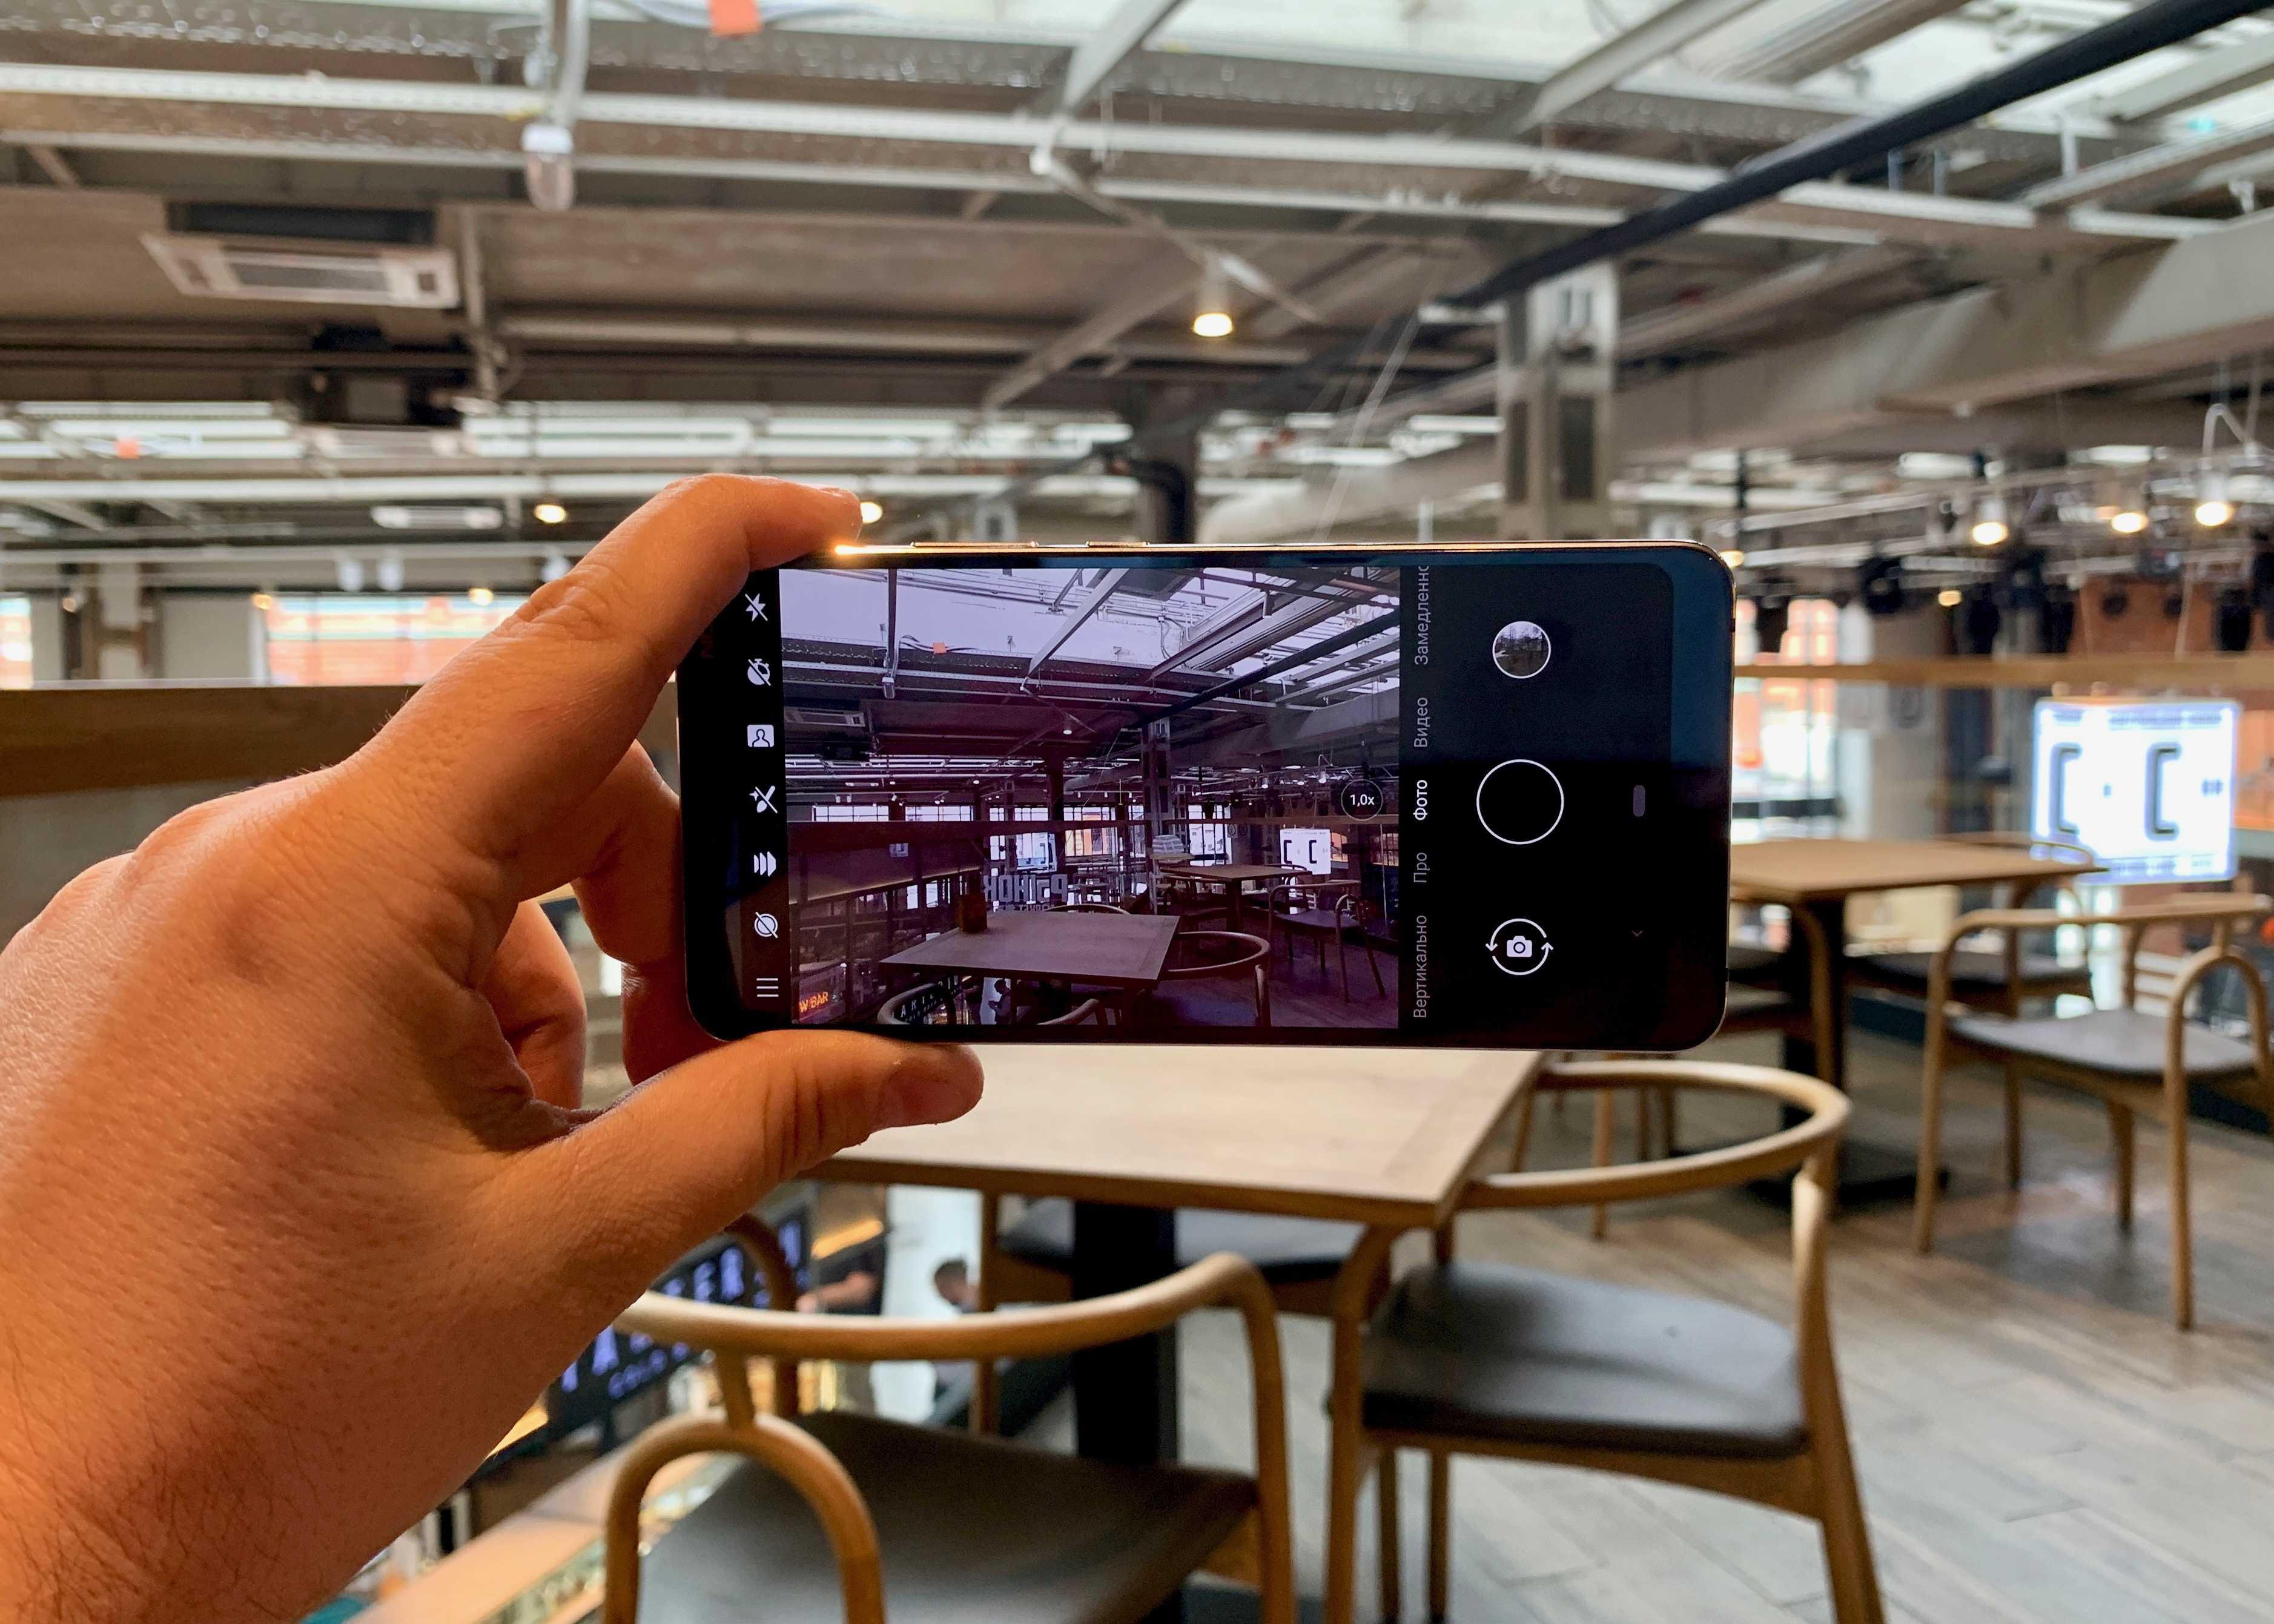 Компании nokia и lg использовали одинаковые фото для рекламы камер смартфонов ► последние новости